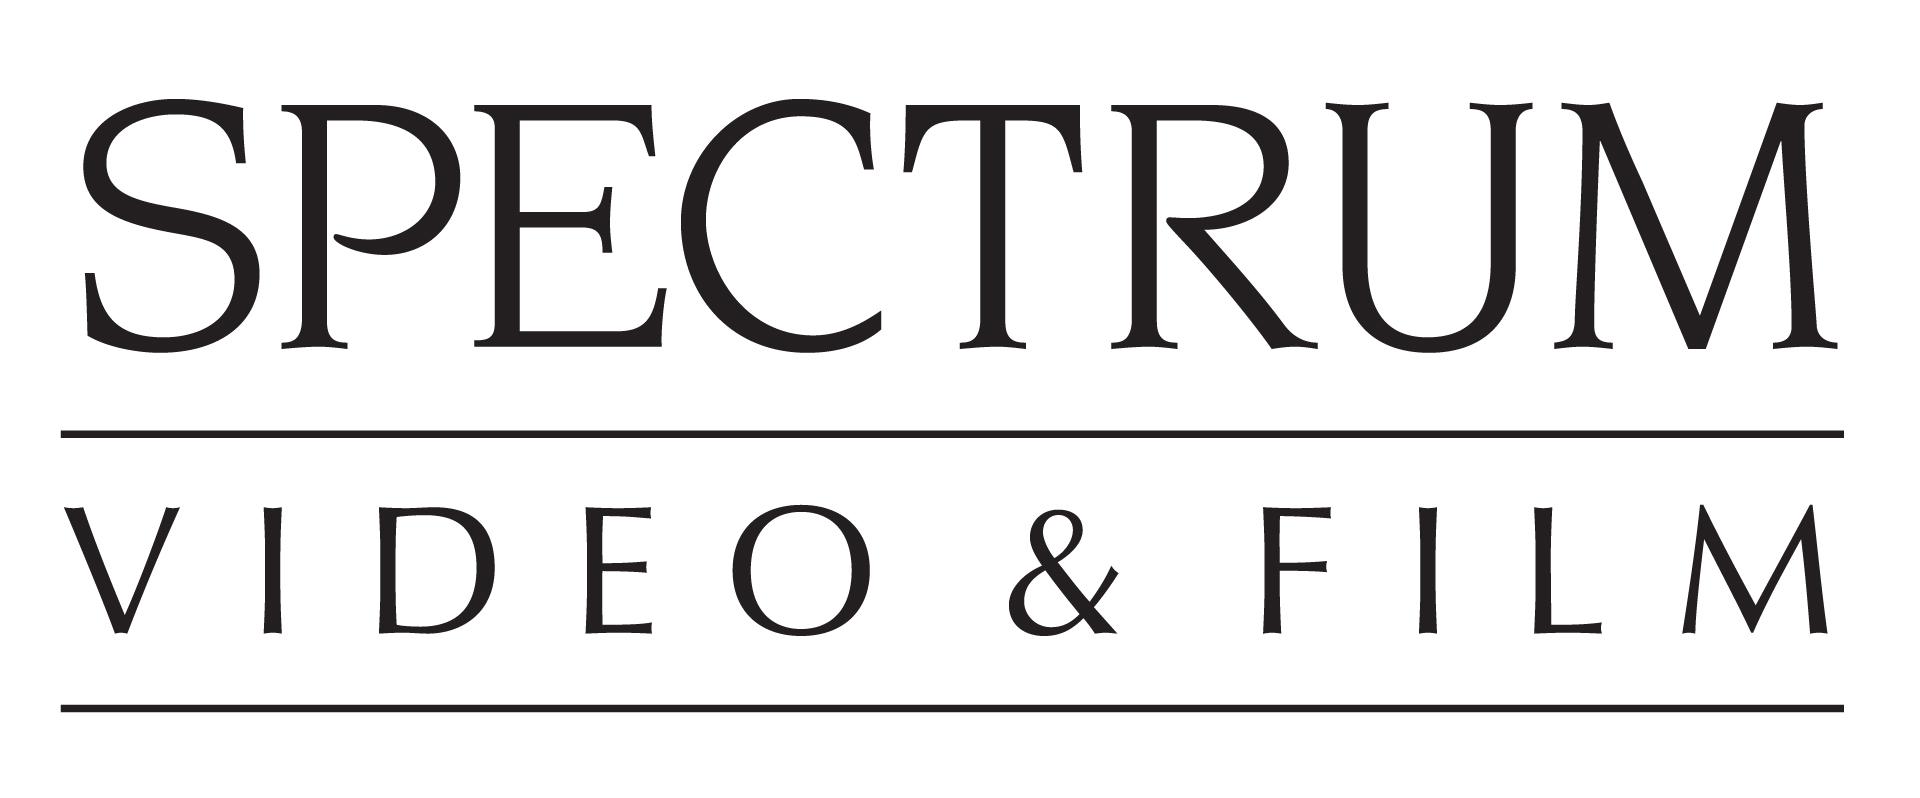 Spectrum Video & Film